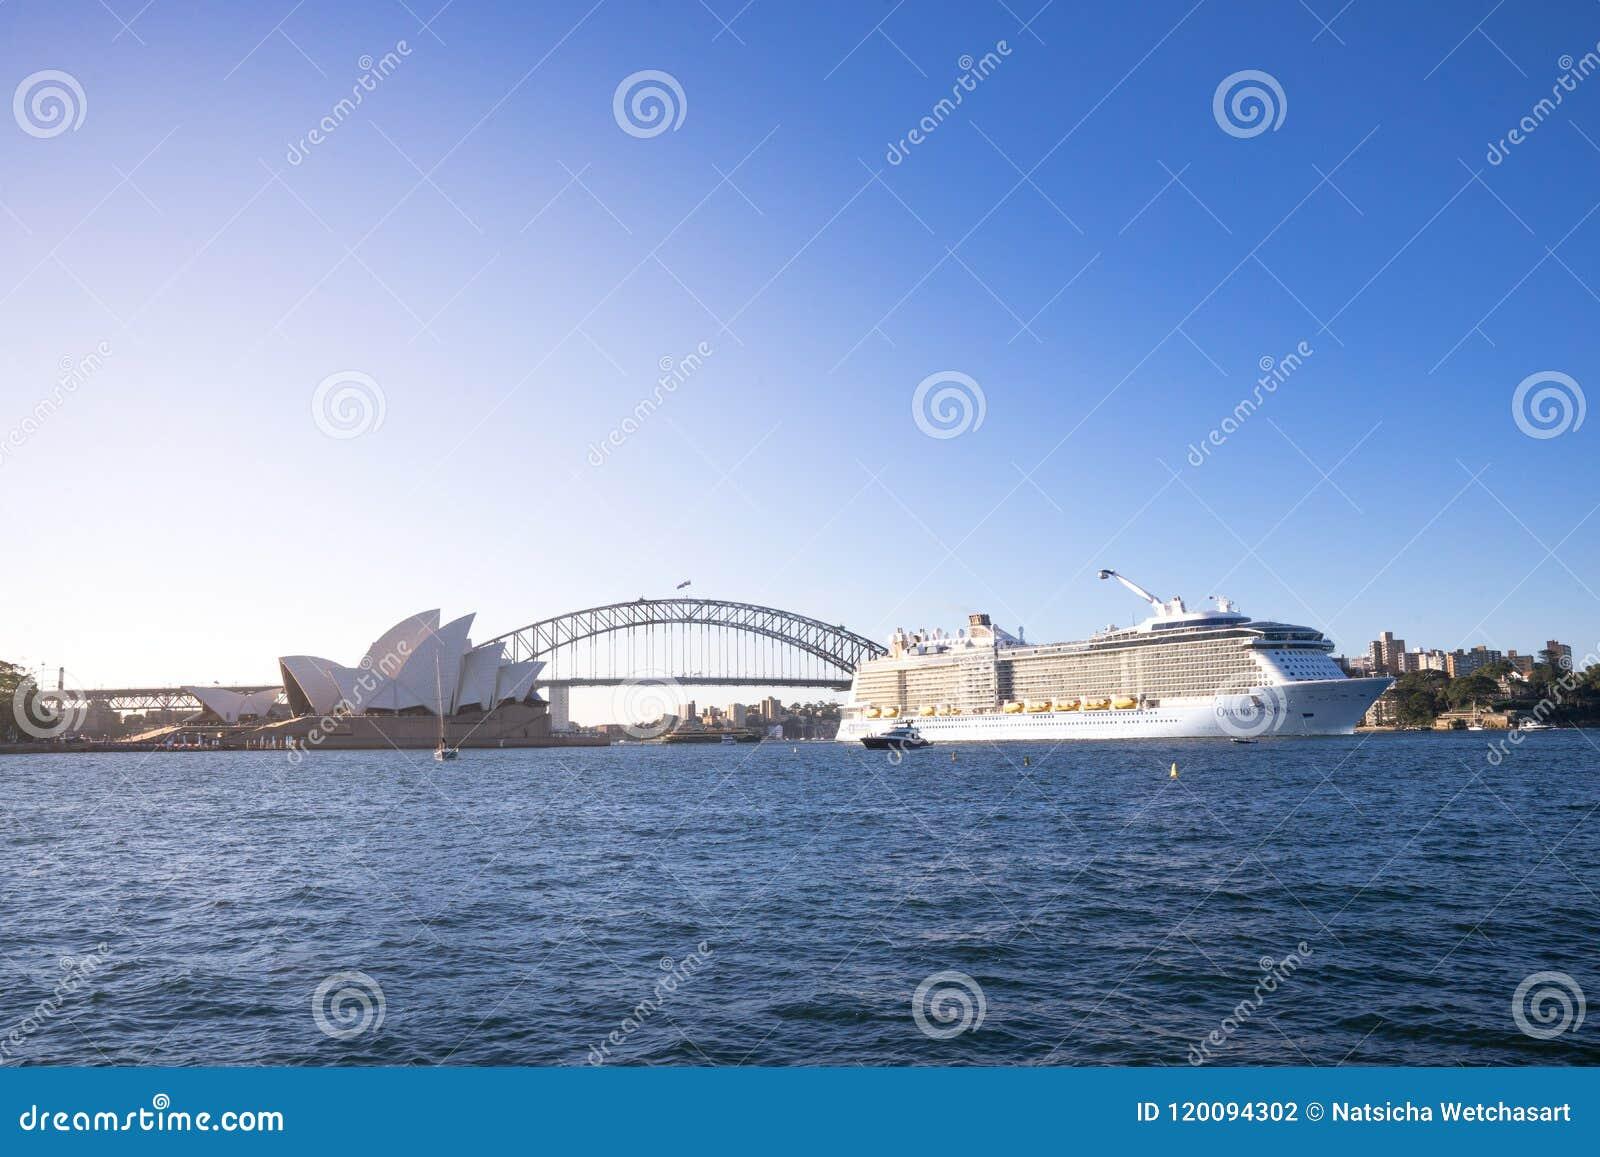 Ovationen av haven, det största kryssningskeppet som baseras i Austra